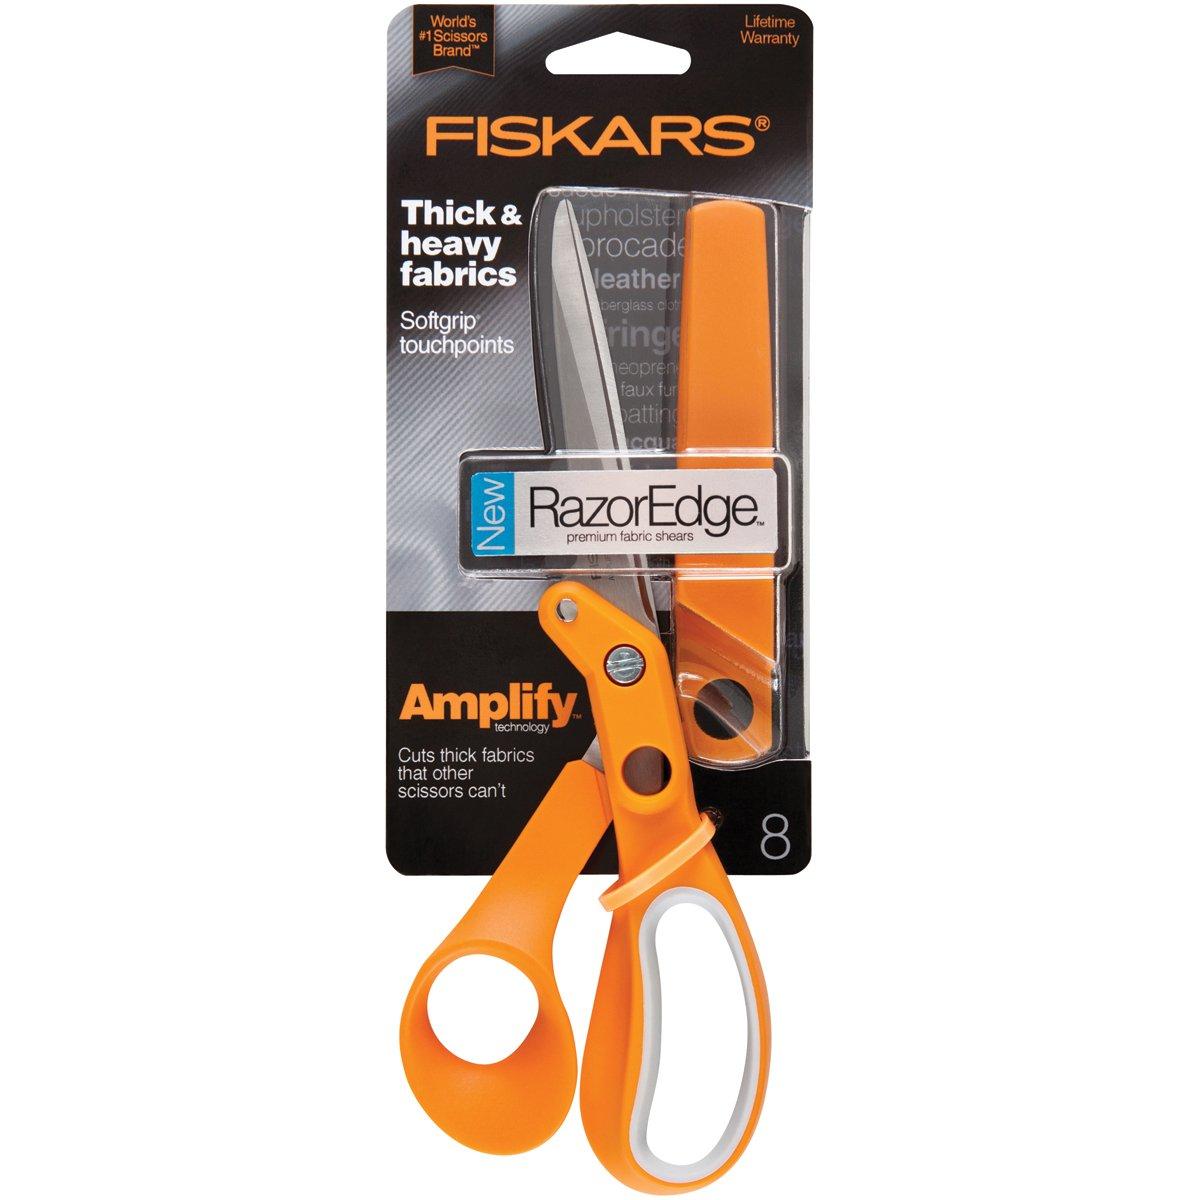 Fiskars Amplify RazorEdge Fabric Scissors 8''- by Fiskars